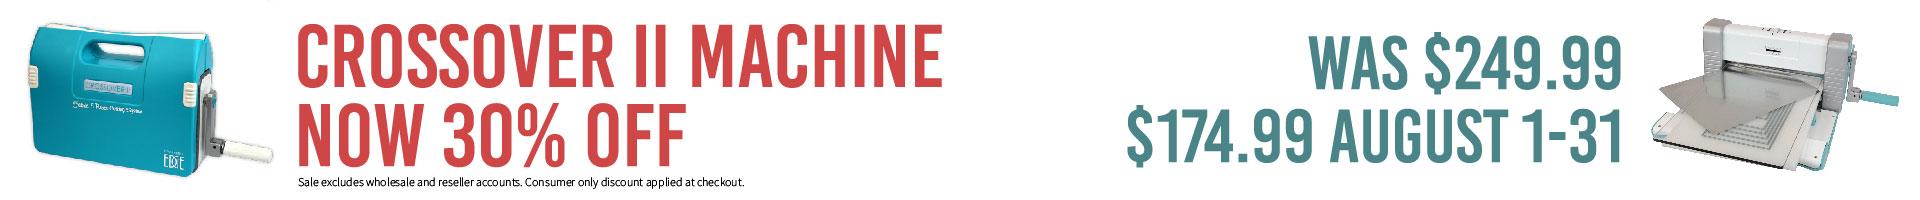 machine-banner-01-01.jpg